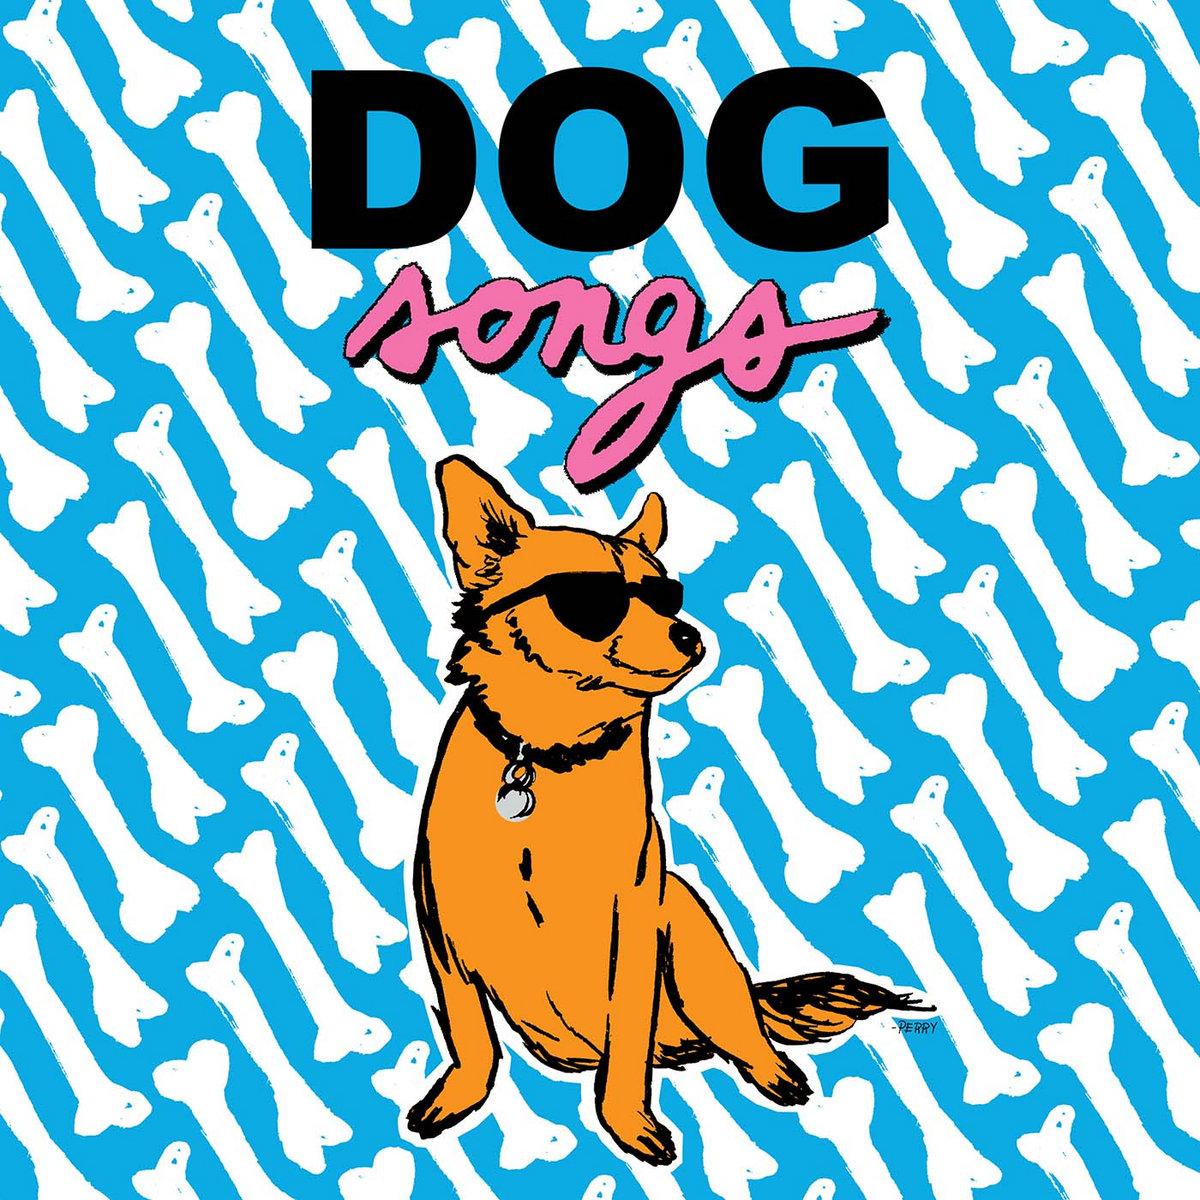 Dog Songs | Dog Songs